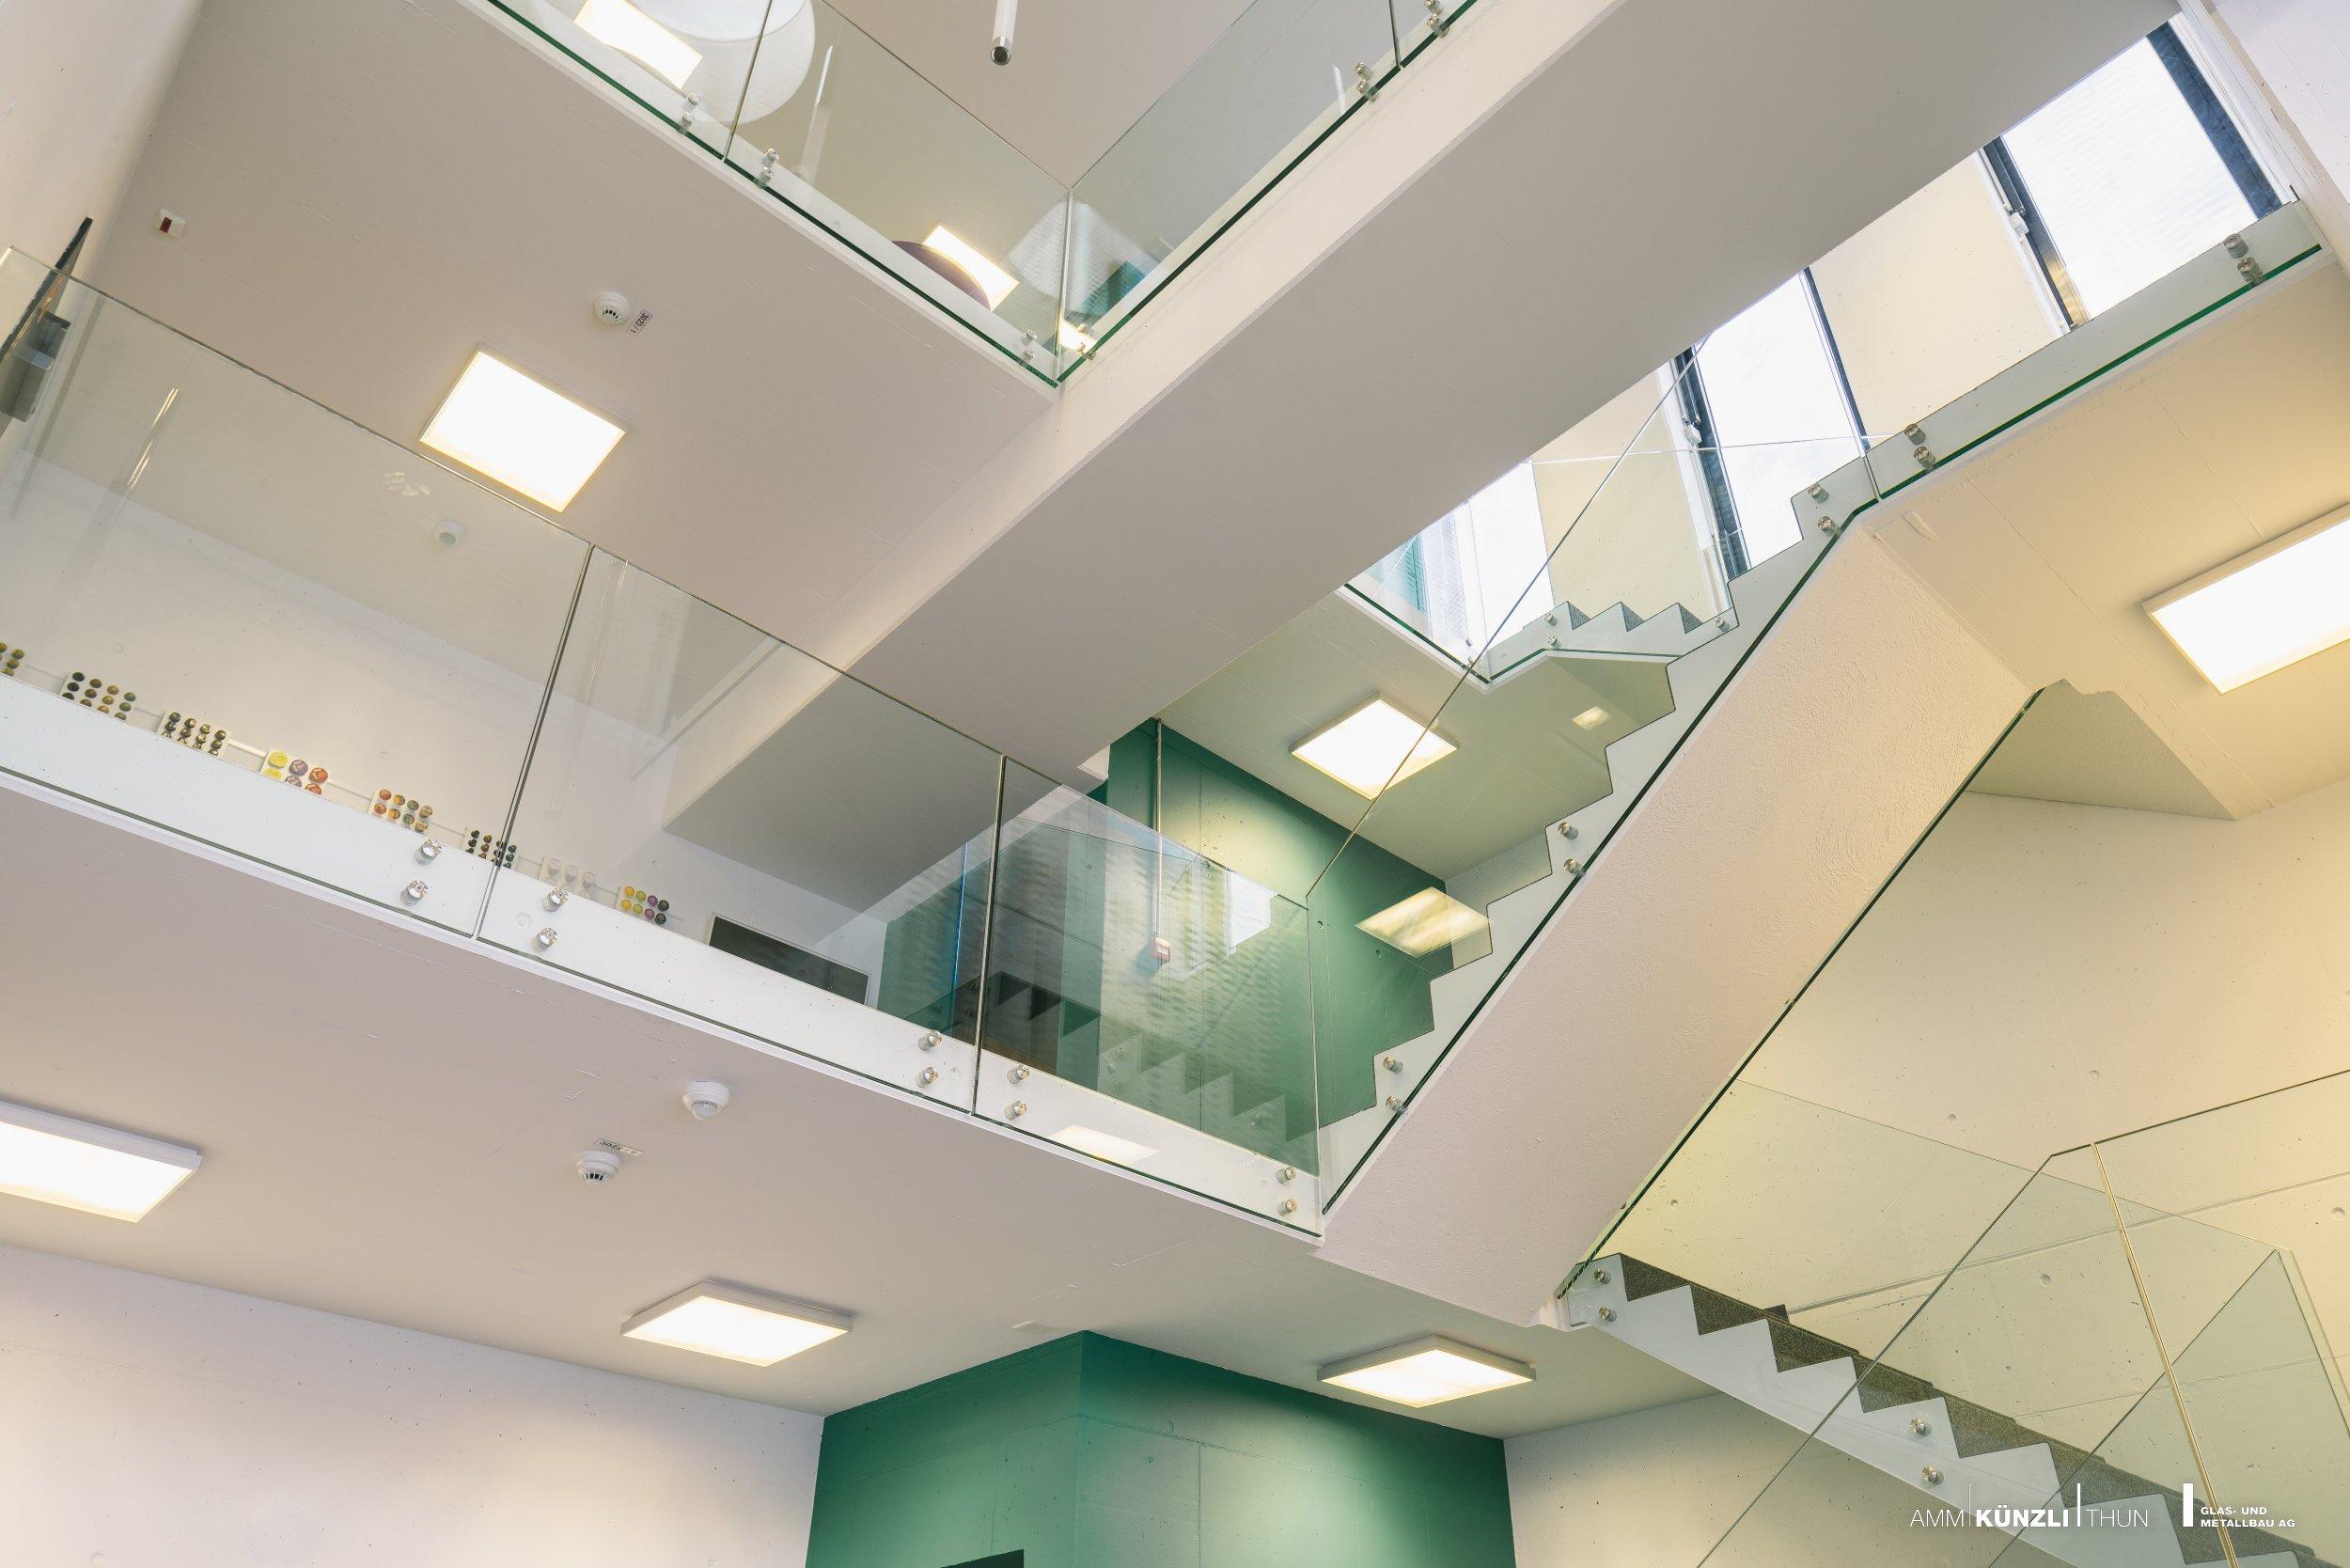 Angebot gel nder amm k nzli thun glas metallbau ag for Innen designer